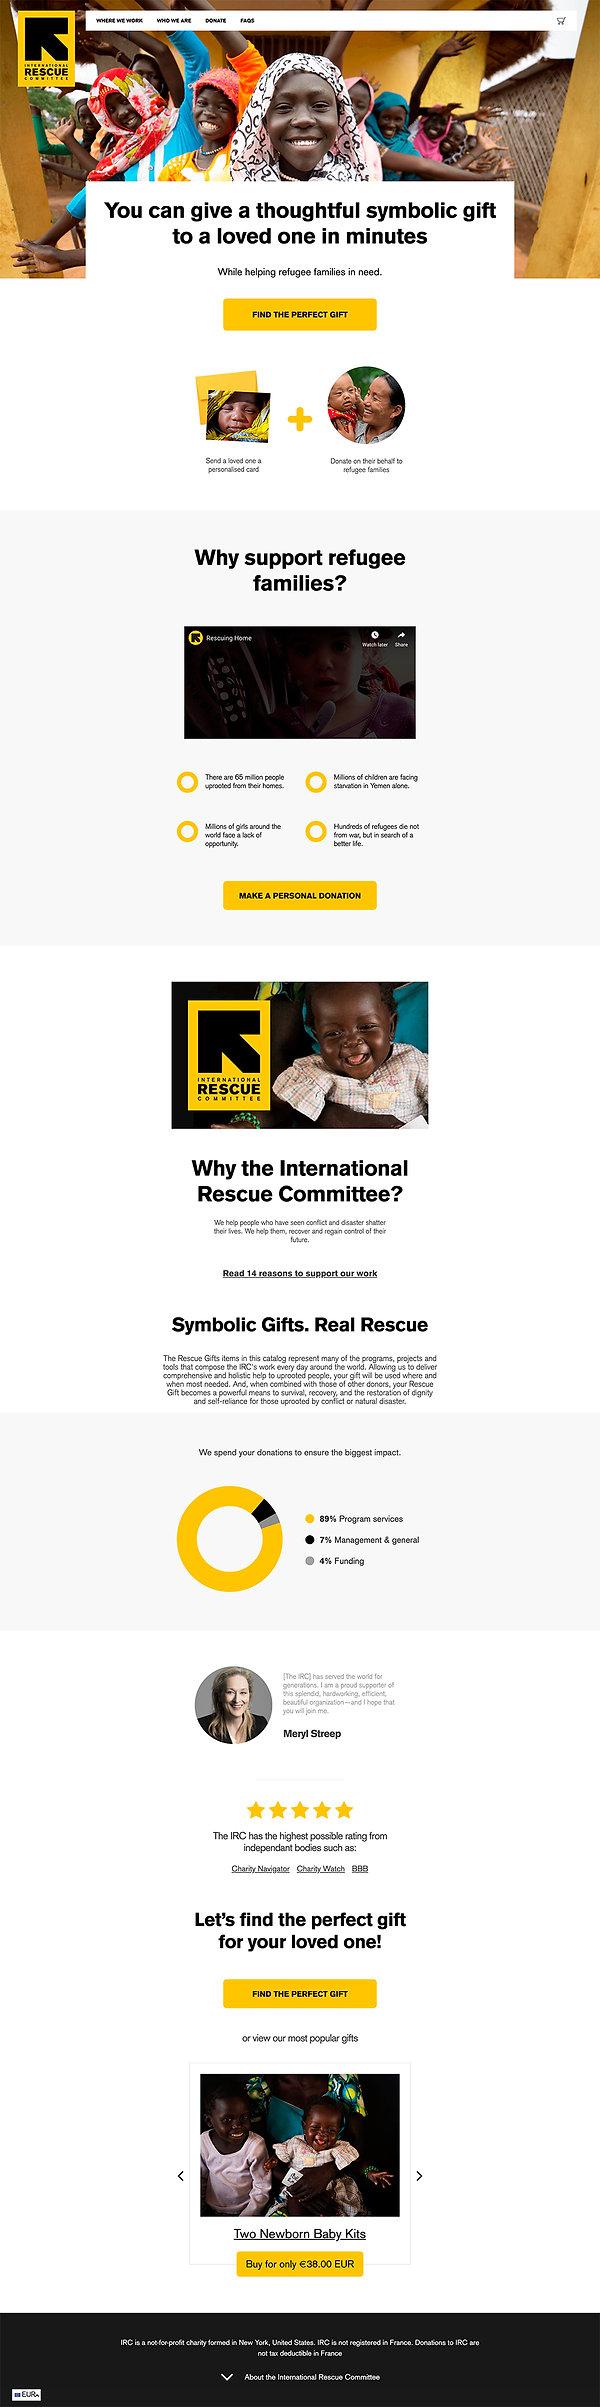 International Rescue Committee.jpg